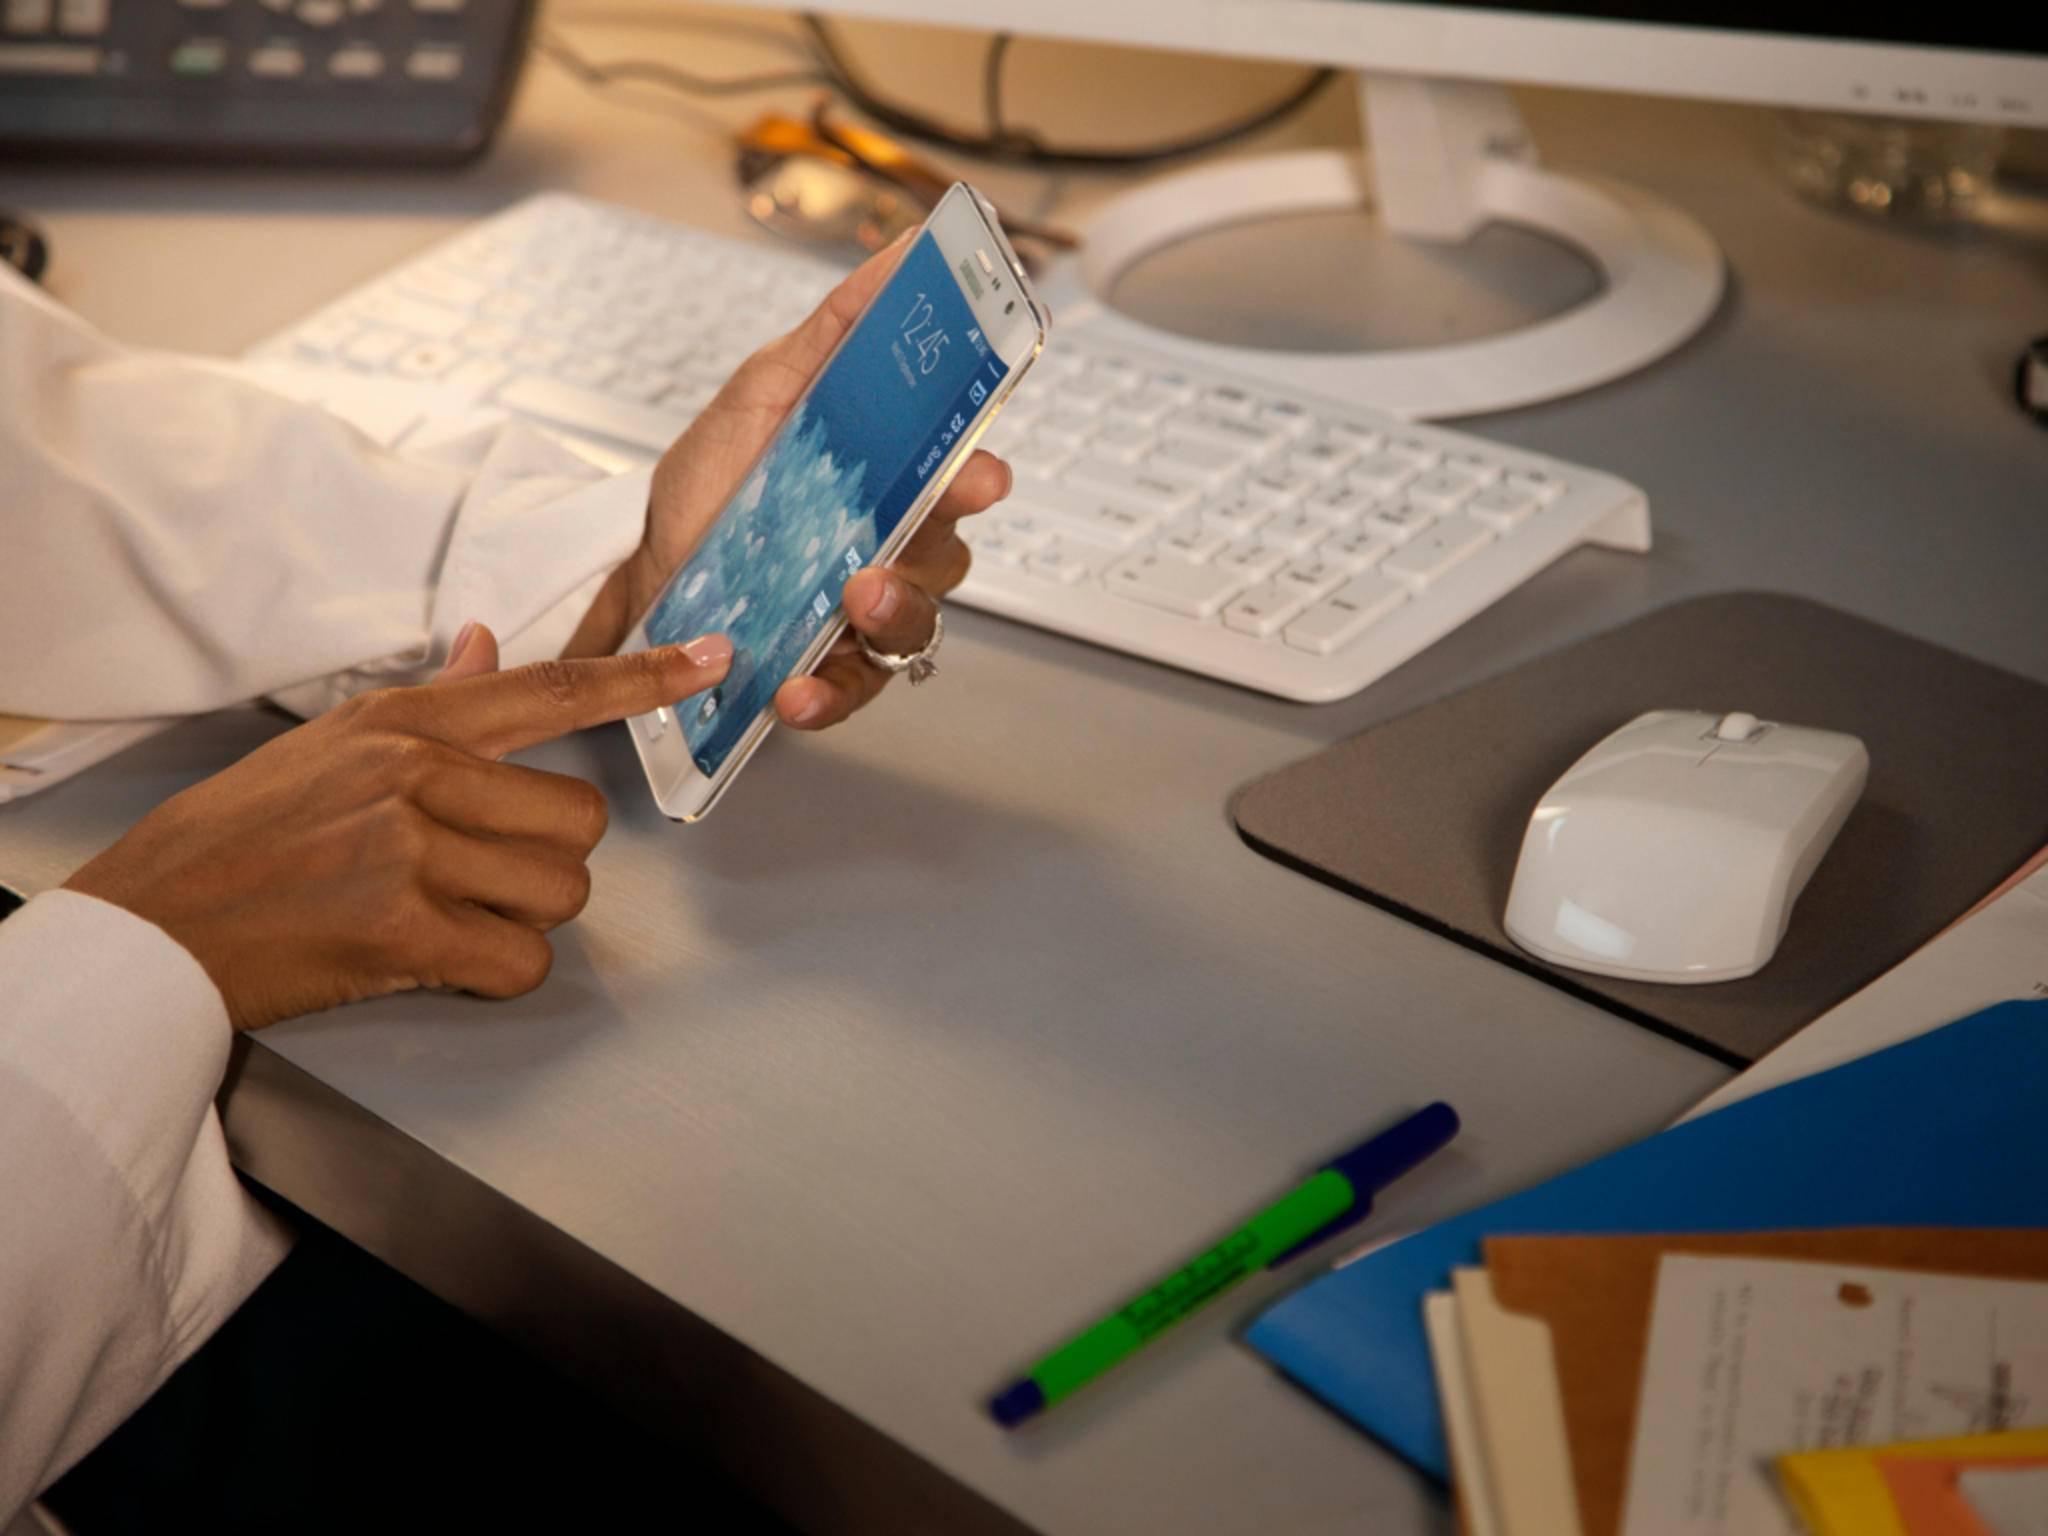 Samsung gibt Entwarnung: Das seitliche Display ist bei Stürzen nicht besonders gefährdet.